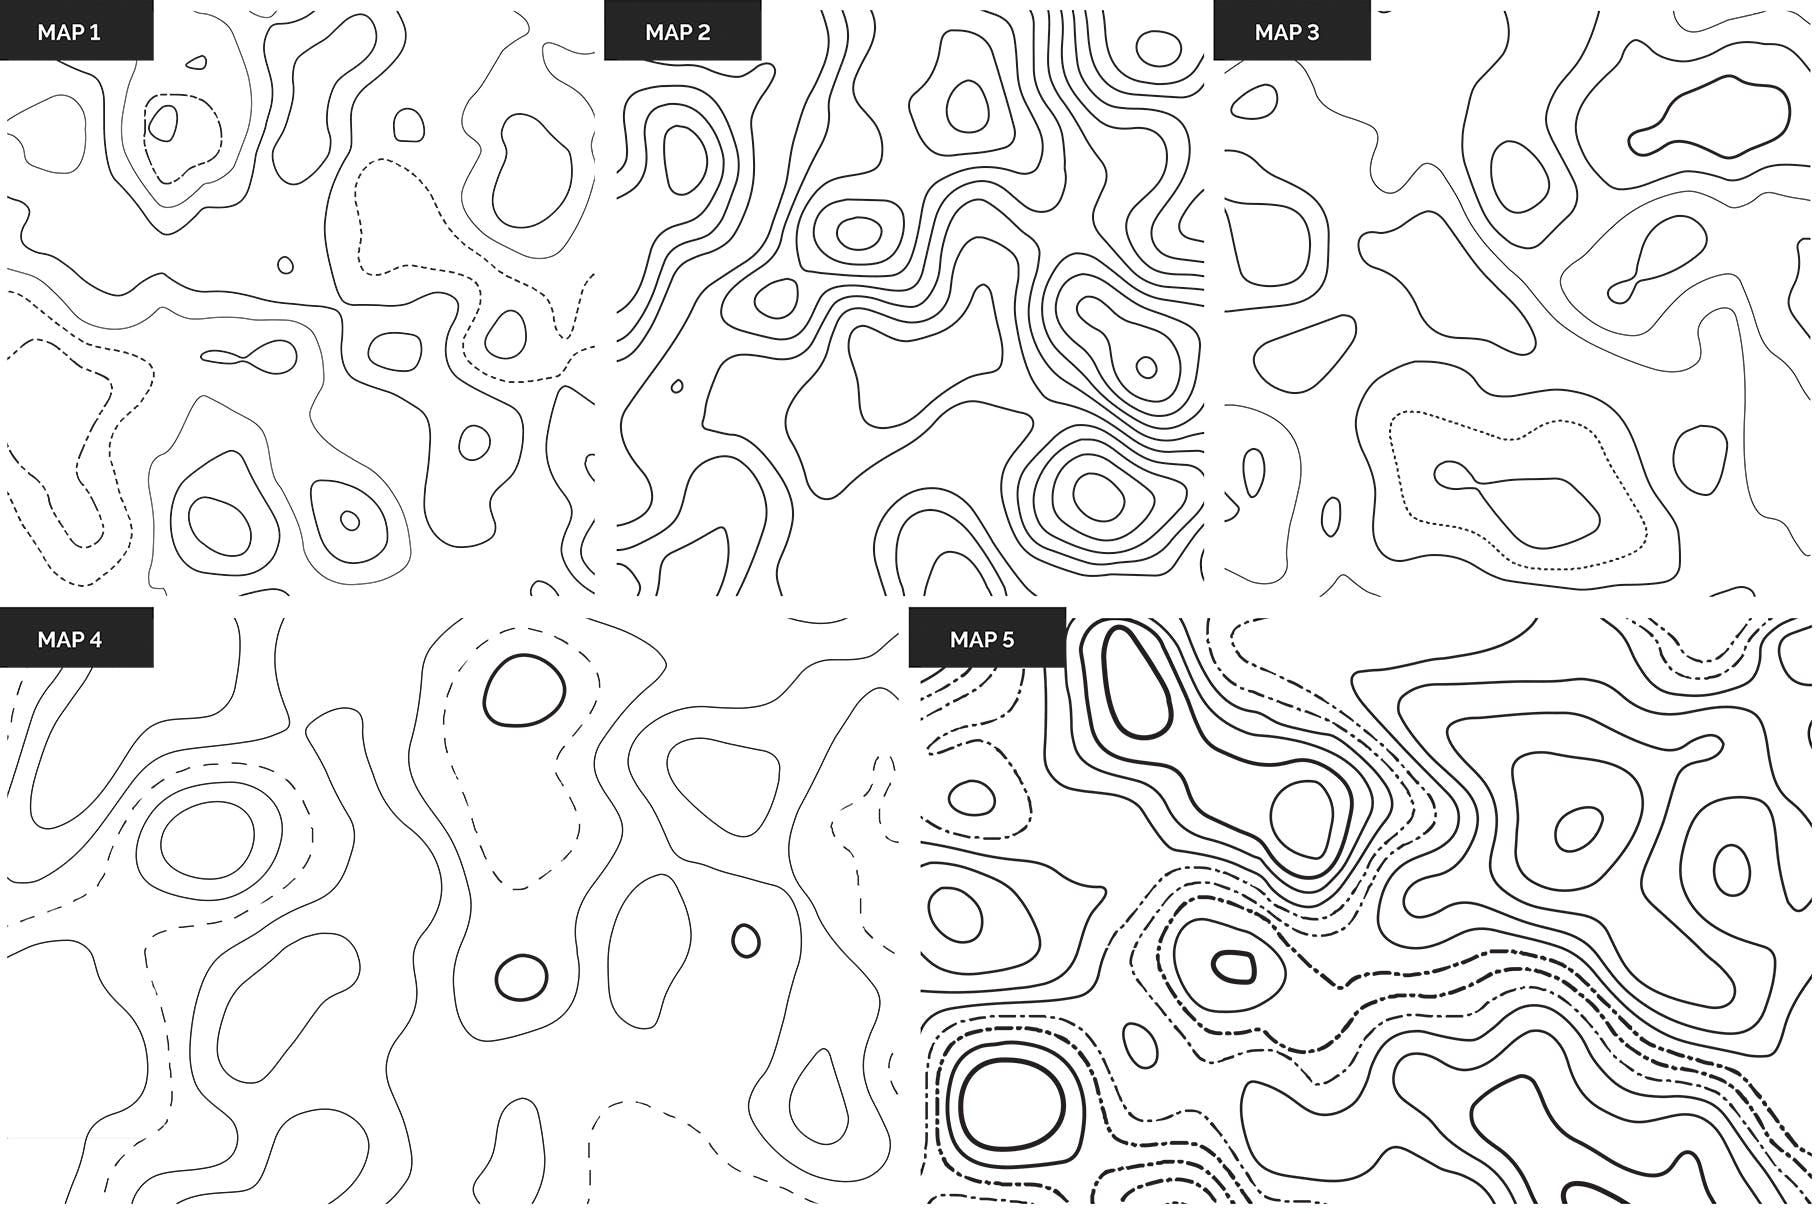 地理纹理地形图盆地素材Topographic Maps Patterns插图(9)